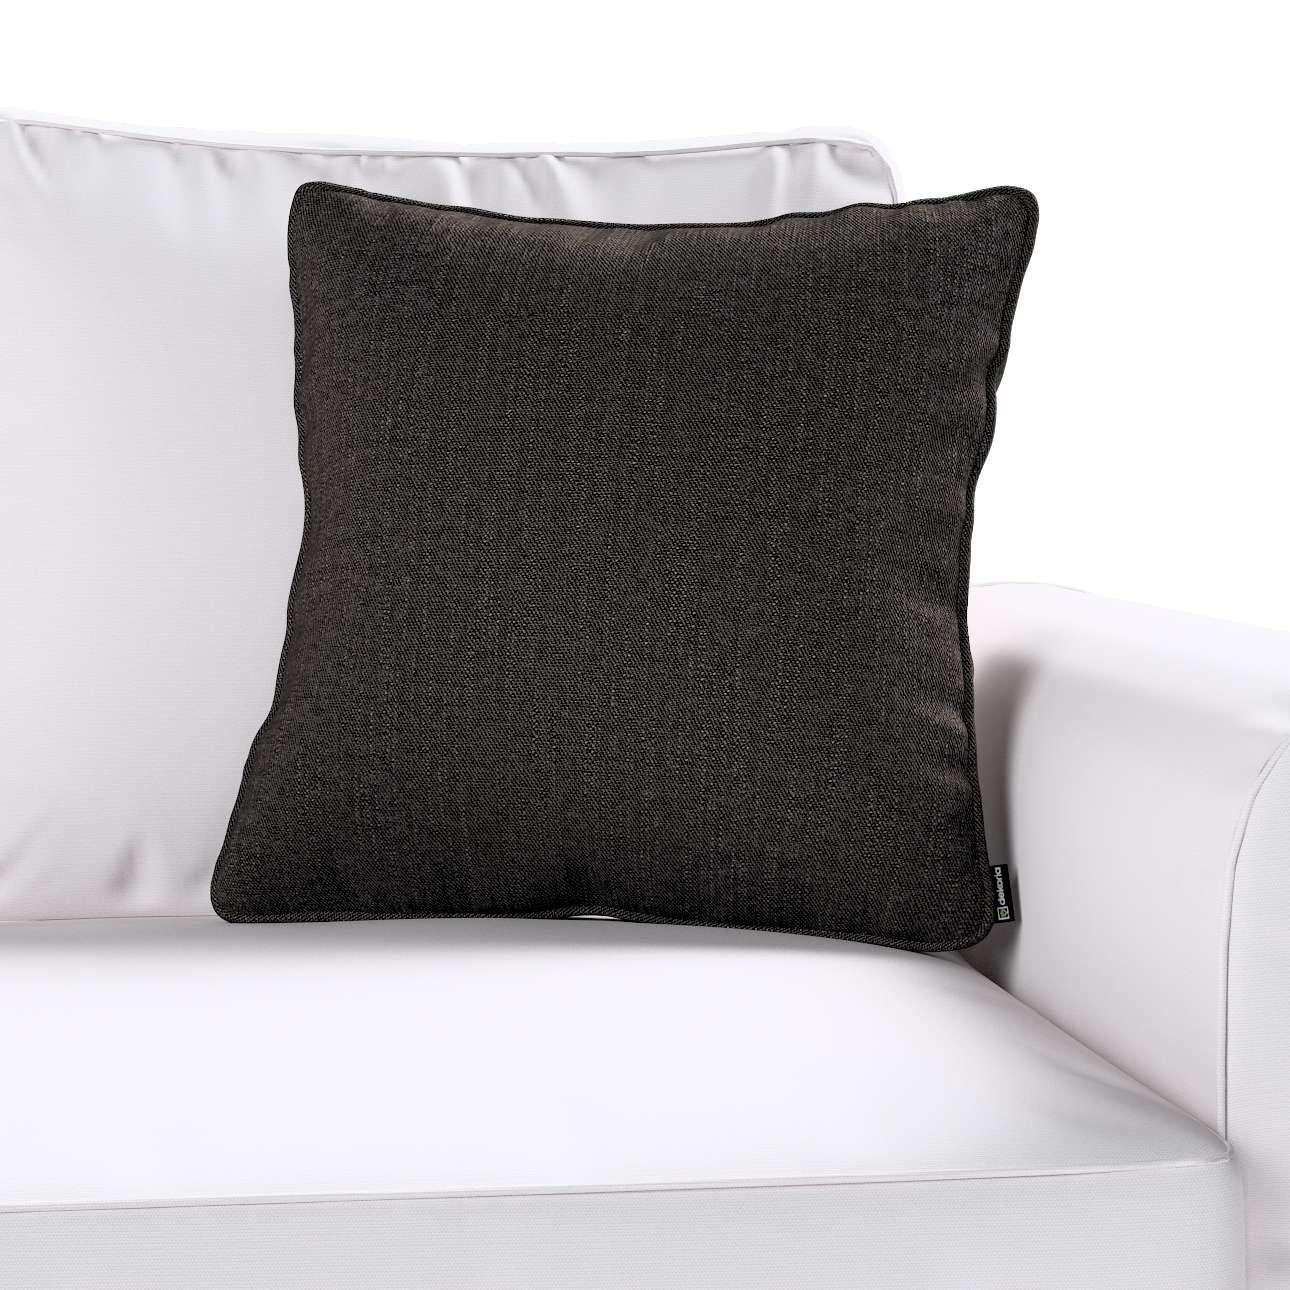 Poszewka Gabi na poduszkę w kolekcji Vintage, tkanina: 702-36